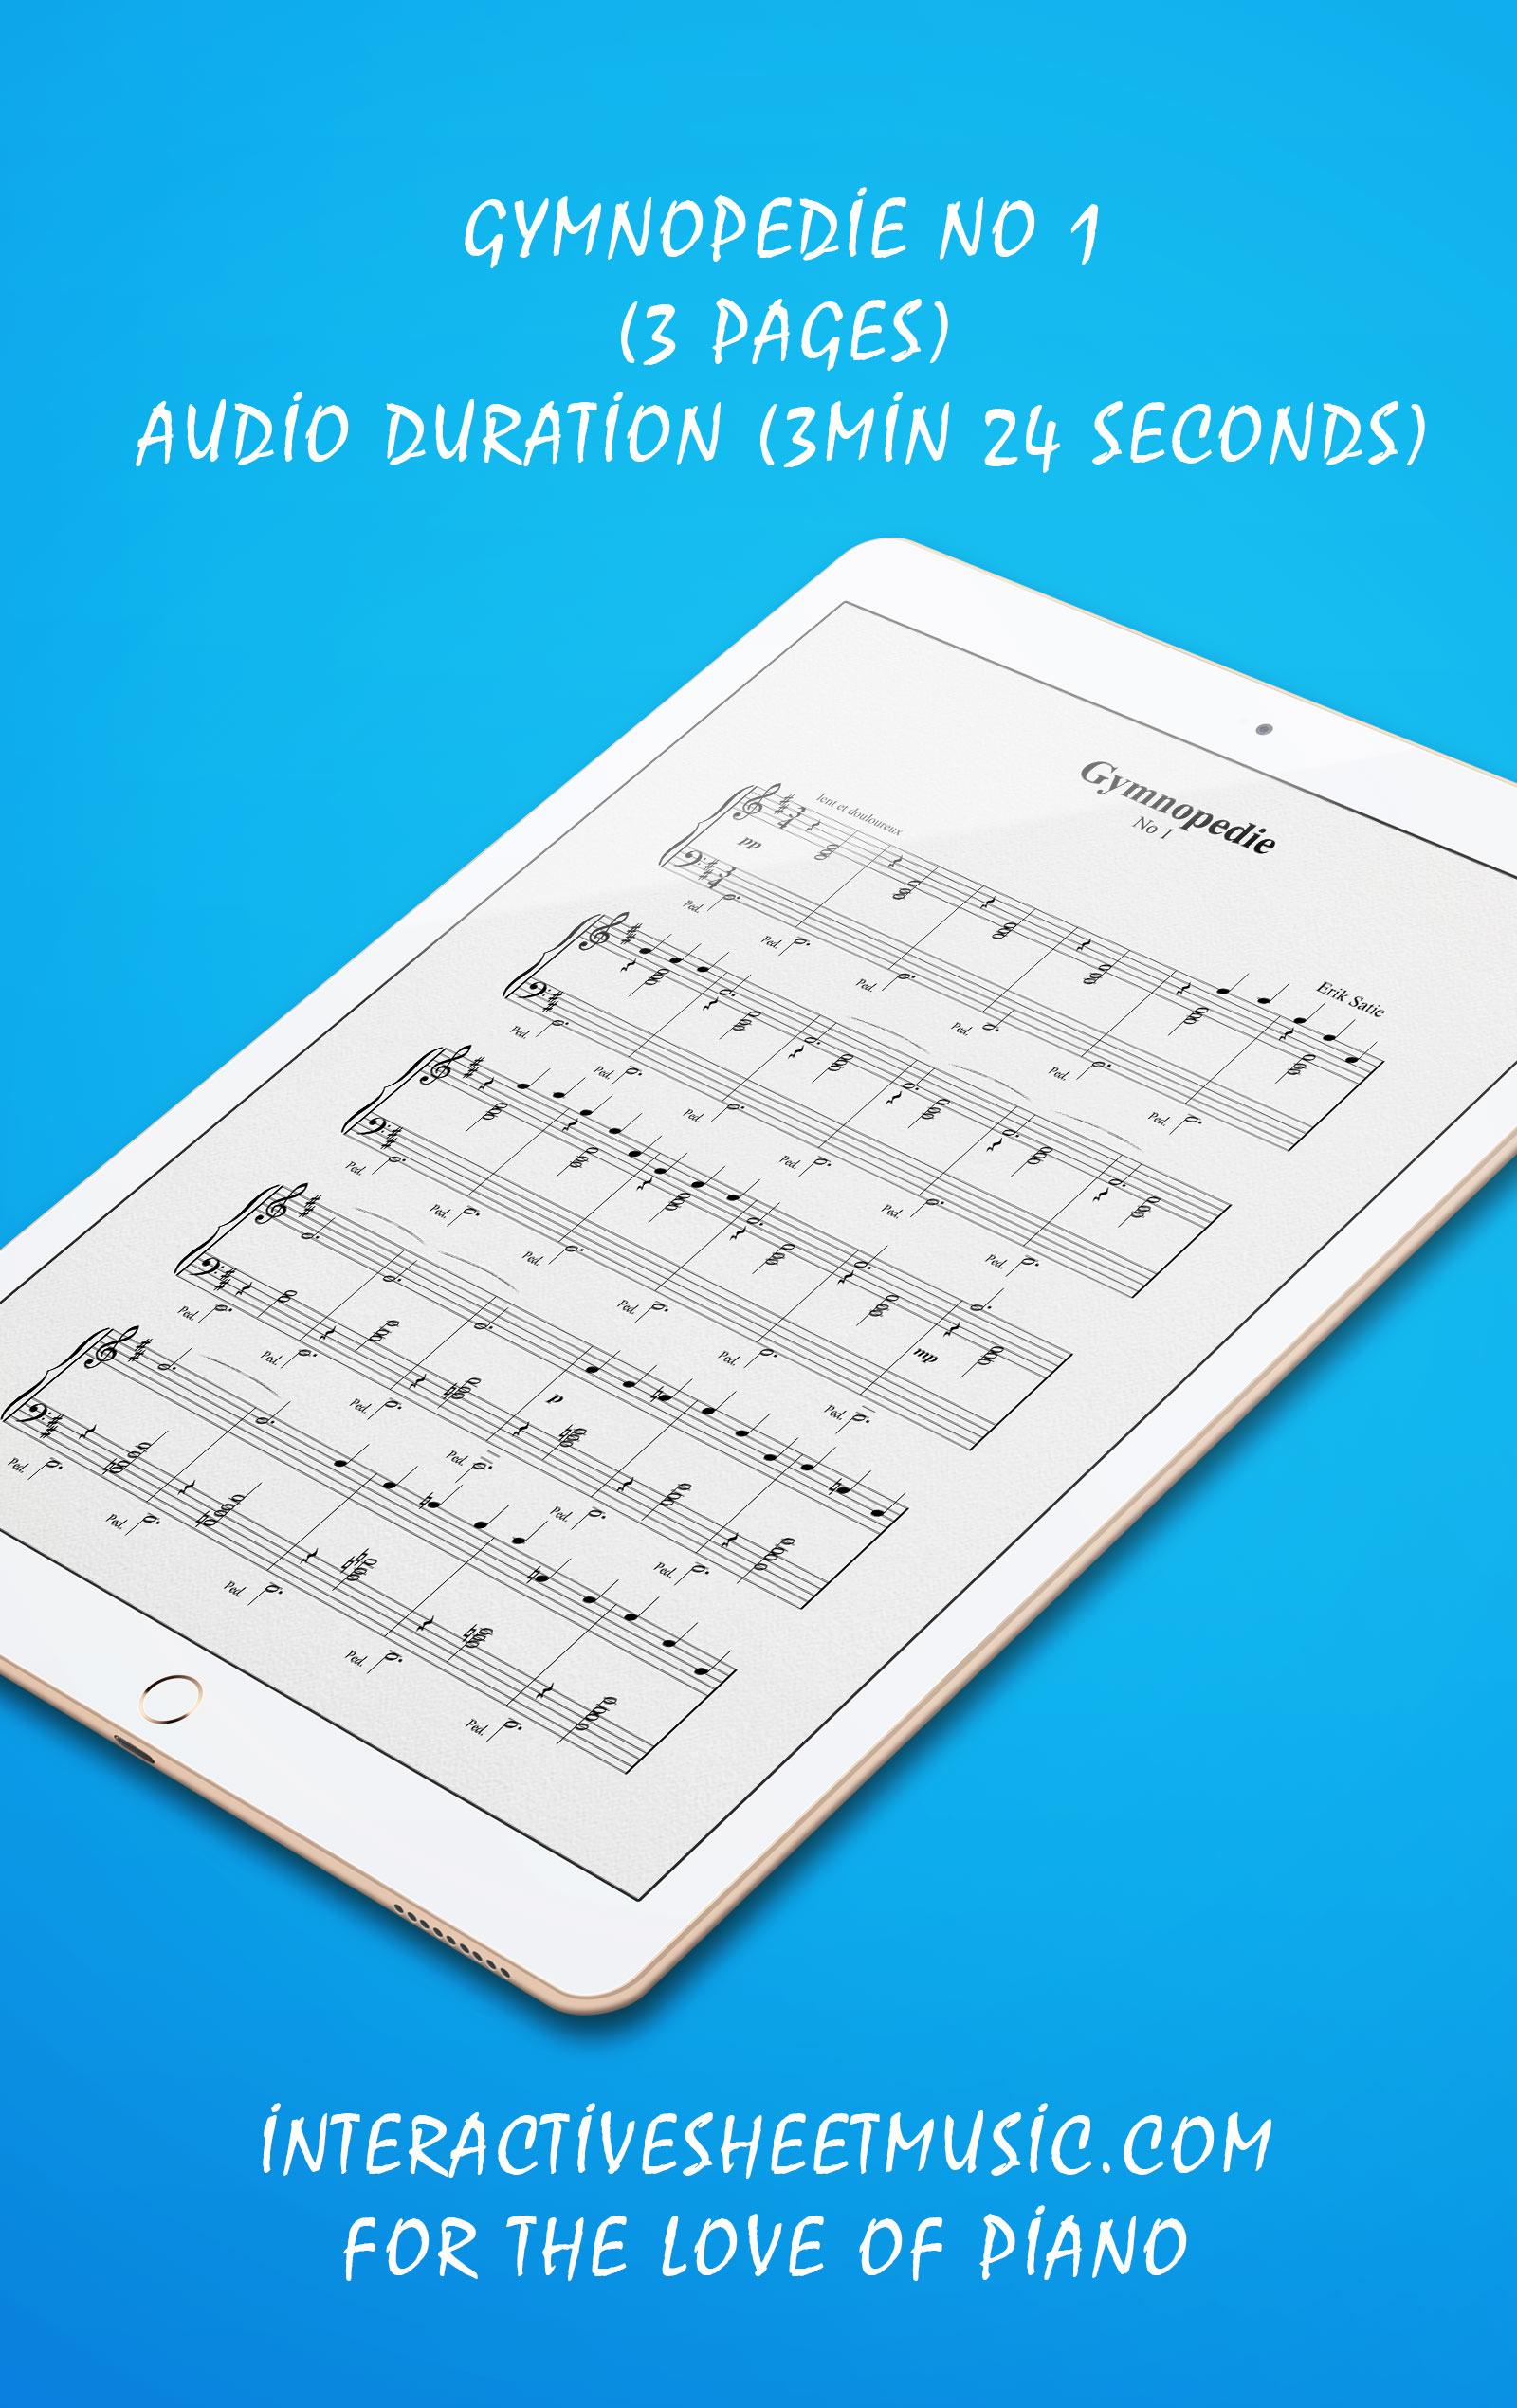 Gymnopedie No 1 Songbook Details